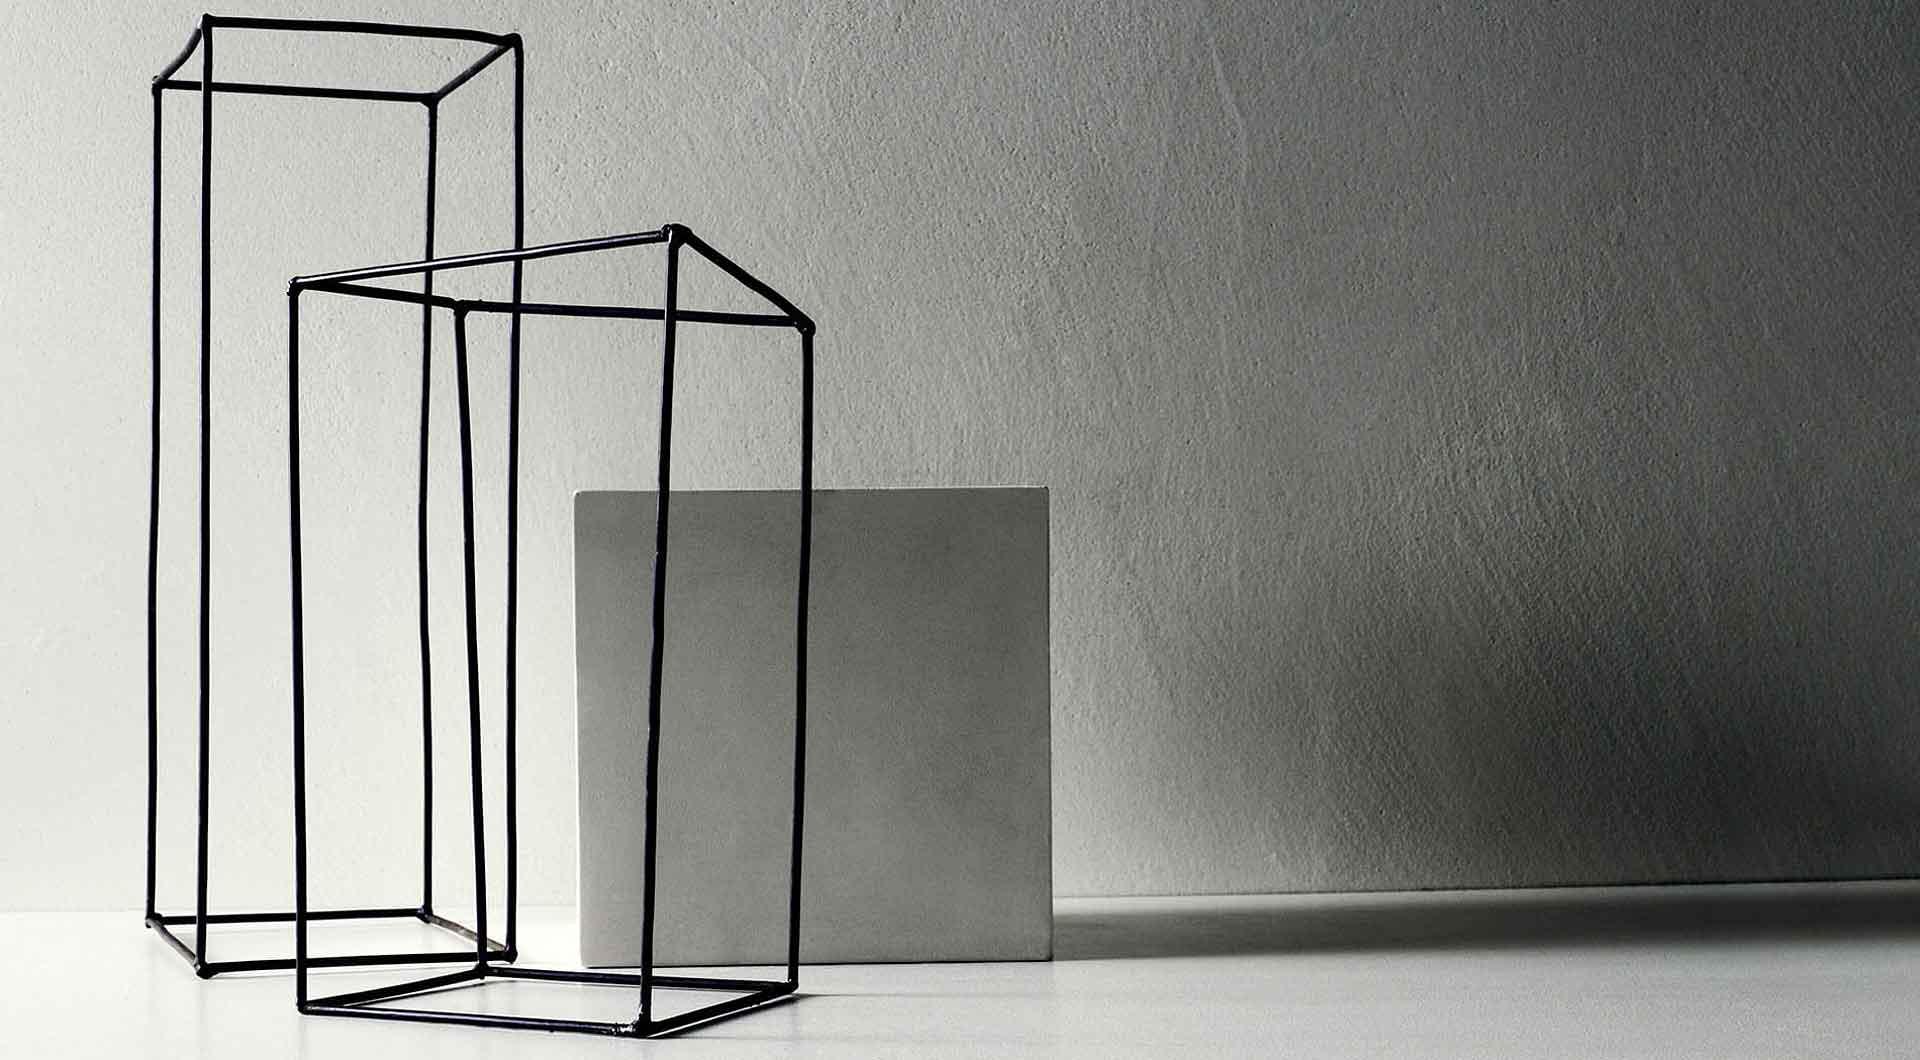 kerakoll-design-house-partner-di-natalucci-per-pavimenti-e-rivestimenti-dal-design-inconfondibile